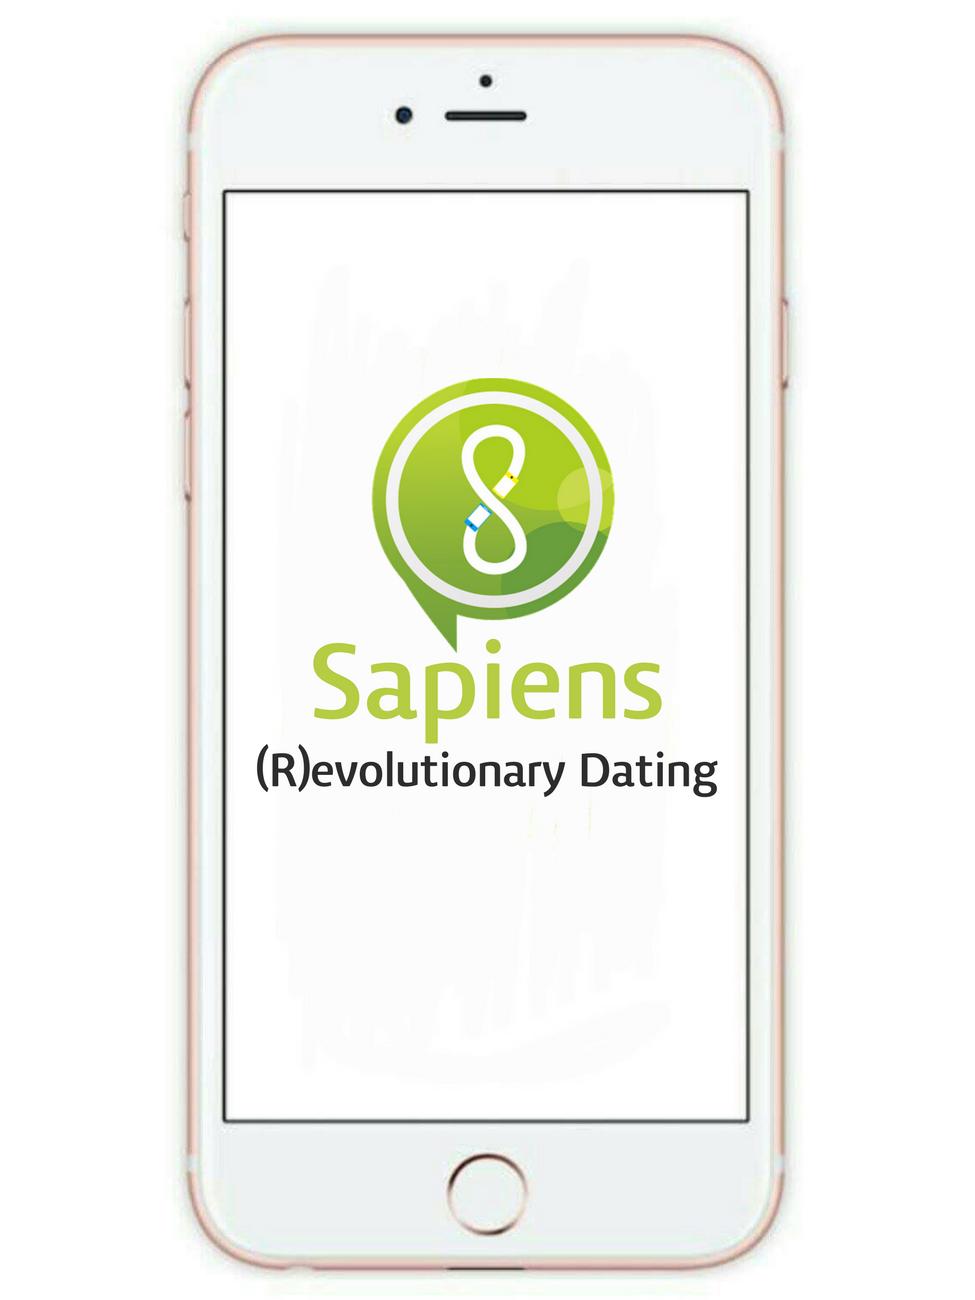 Sapiens (R)evolutionary Dating